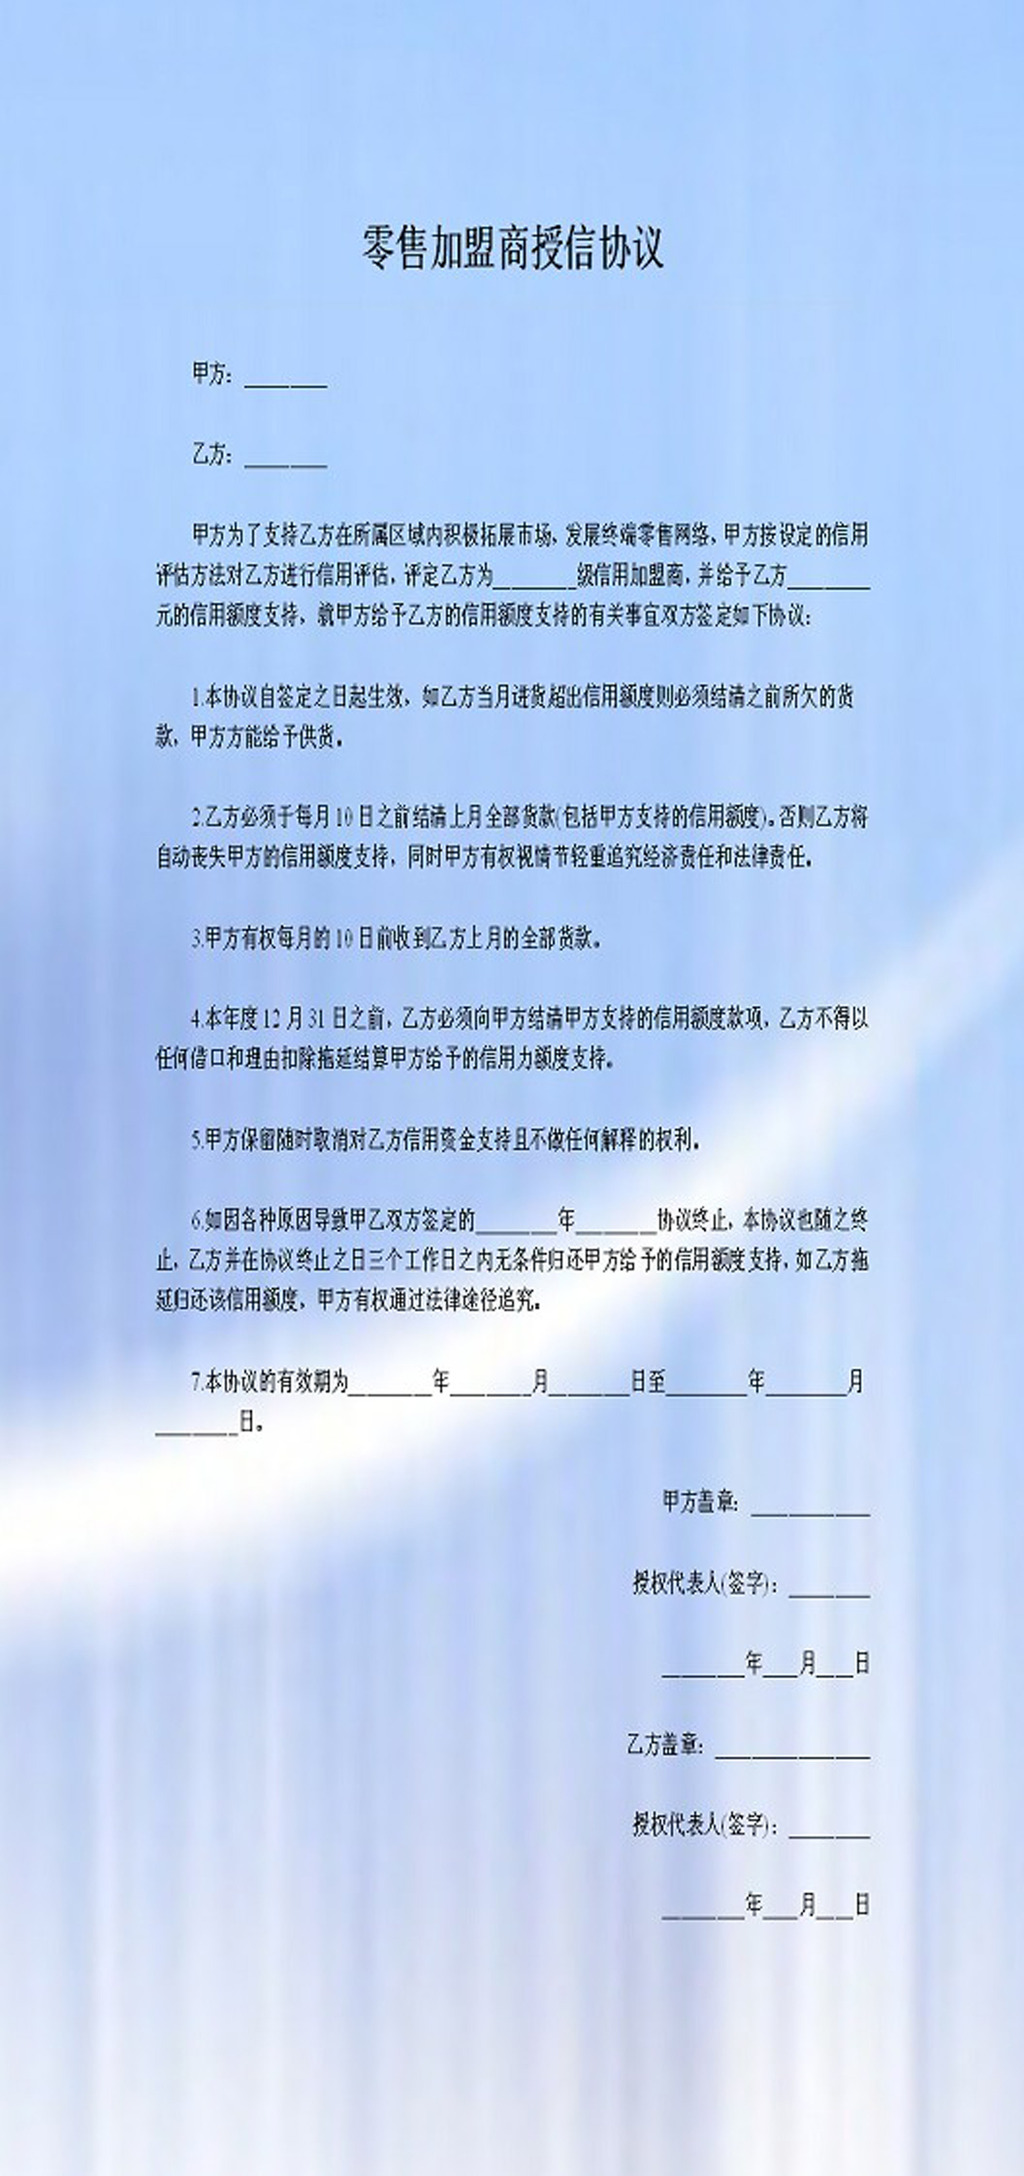 零售加盟商授信协议范文文书模板下载 零售加盟商授信协议范文文书